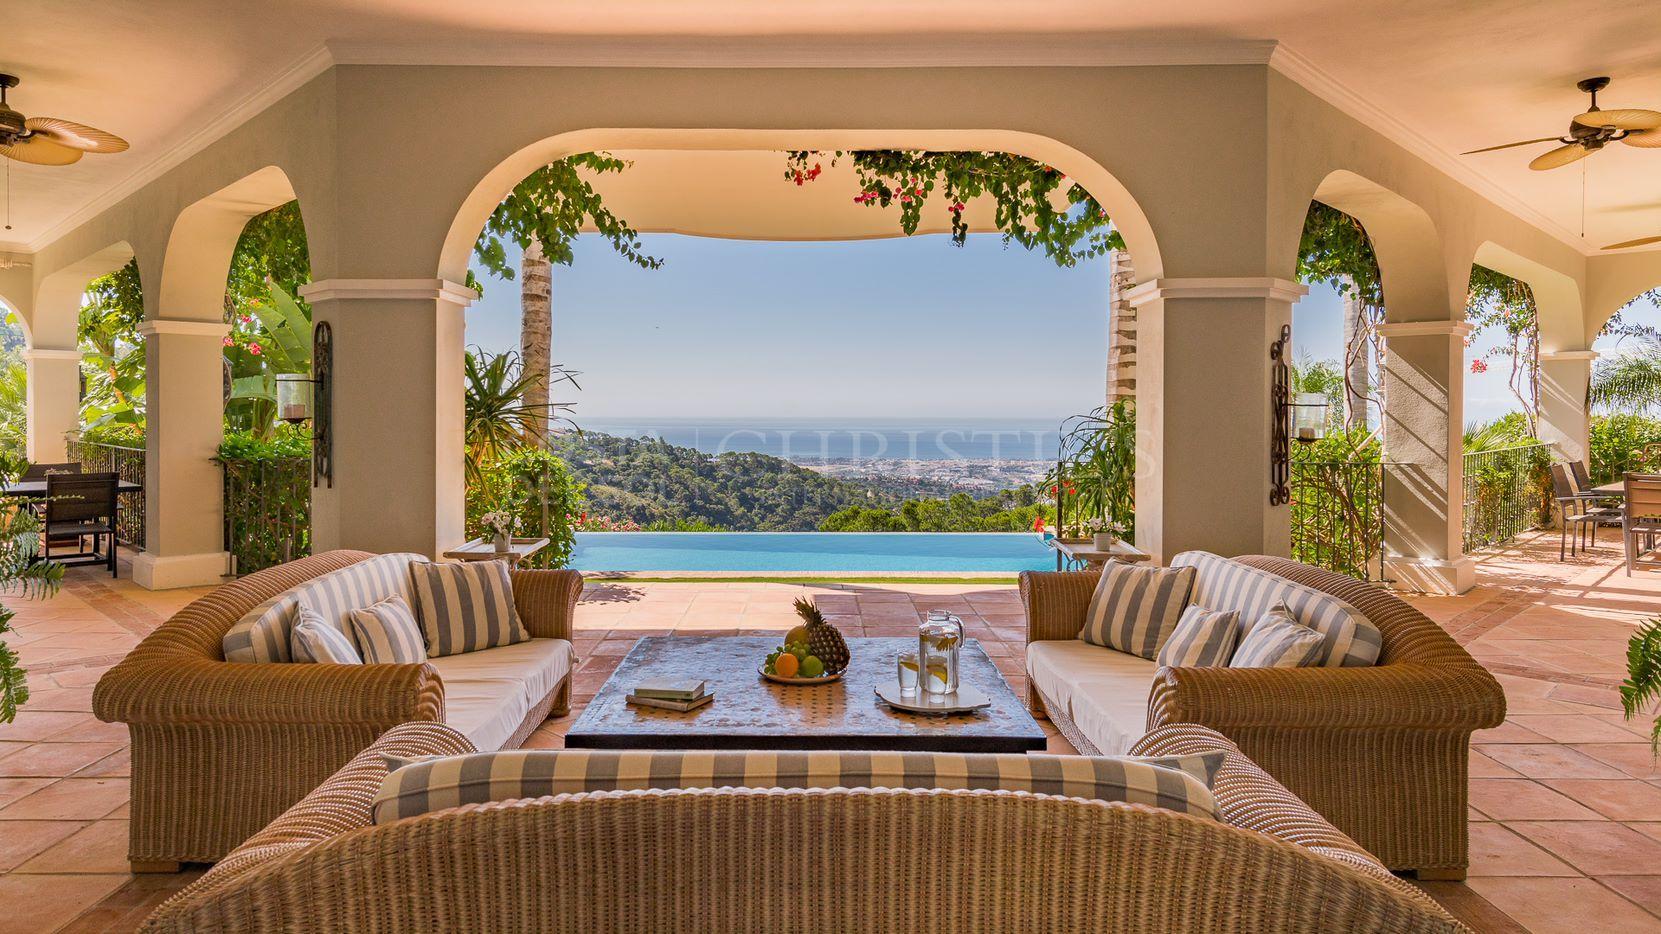 Beautifully landscaped villa in La Zagaleta, Marbella | Christie's International Real Estate